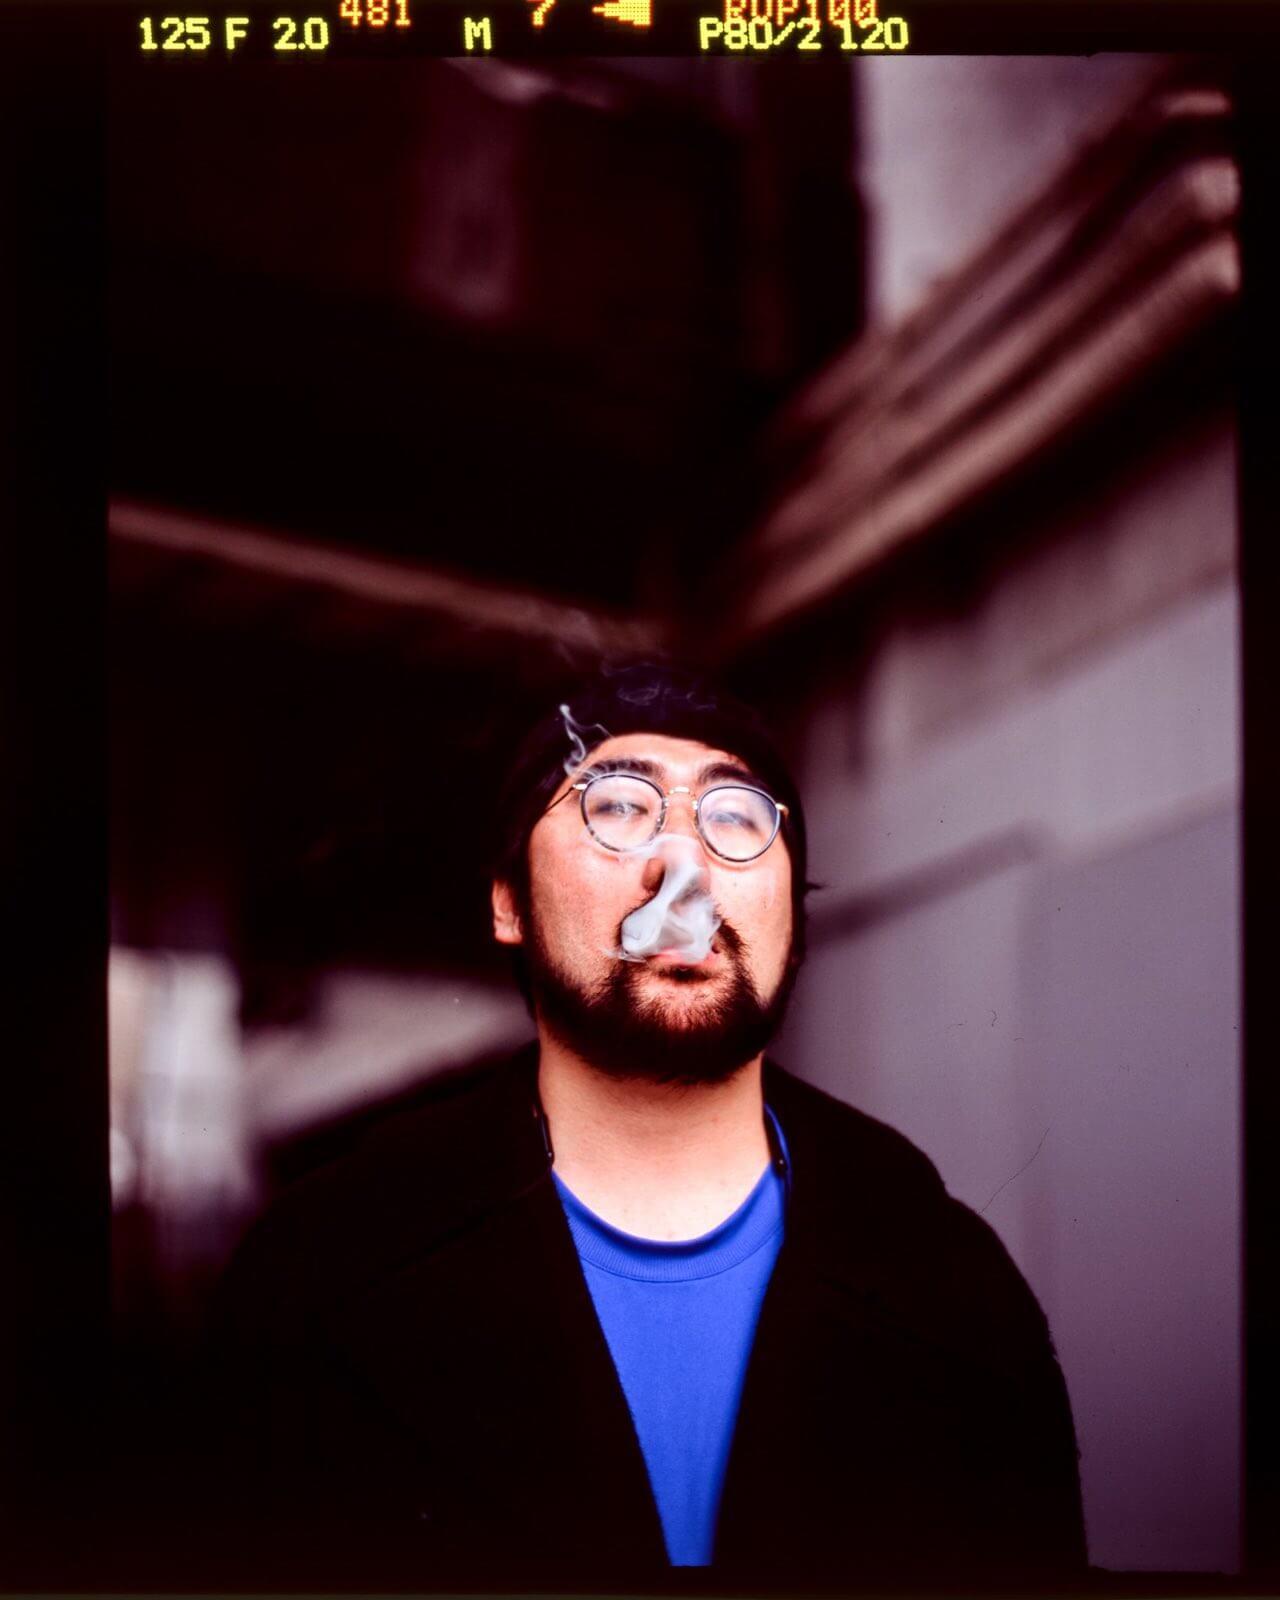 木村太一が初の長編映画作品『AFTERGLOWS』を制作開始|舐達麻のMVなどを手掛け、国内外から高い評価を得る映像監督の意欲作に朝香賢徹やMEGUMIらが出演 film210210-taichikimura-2